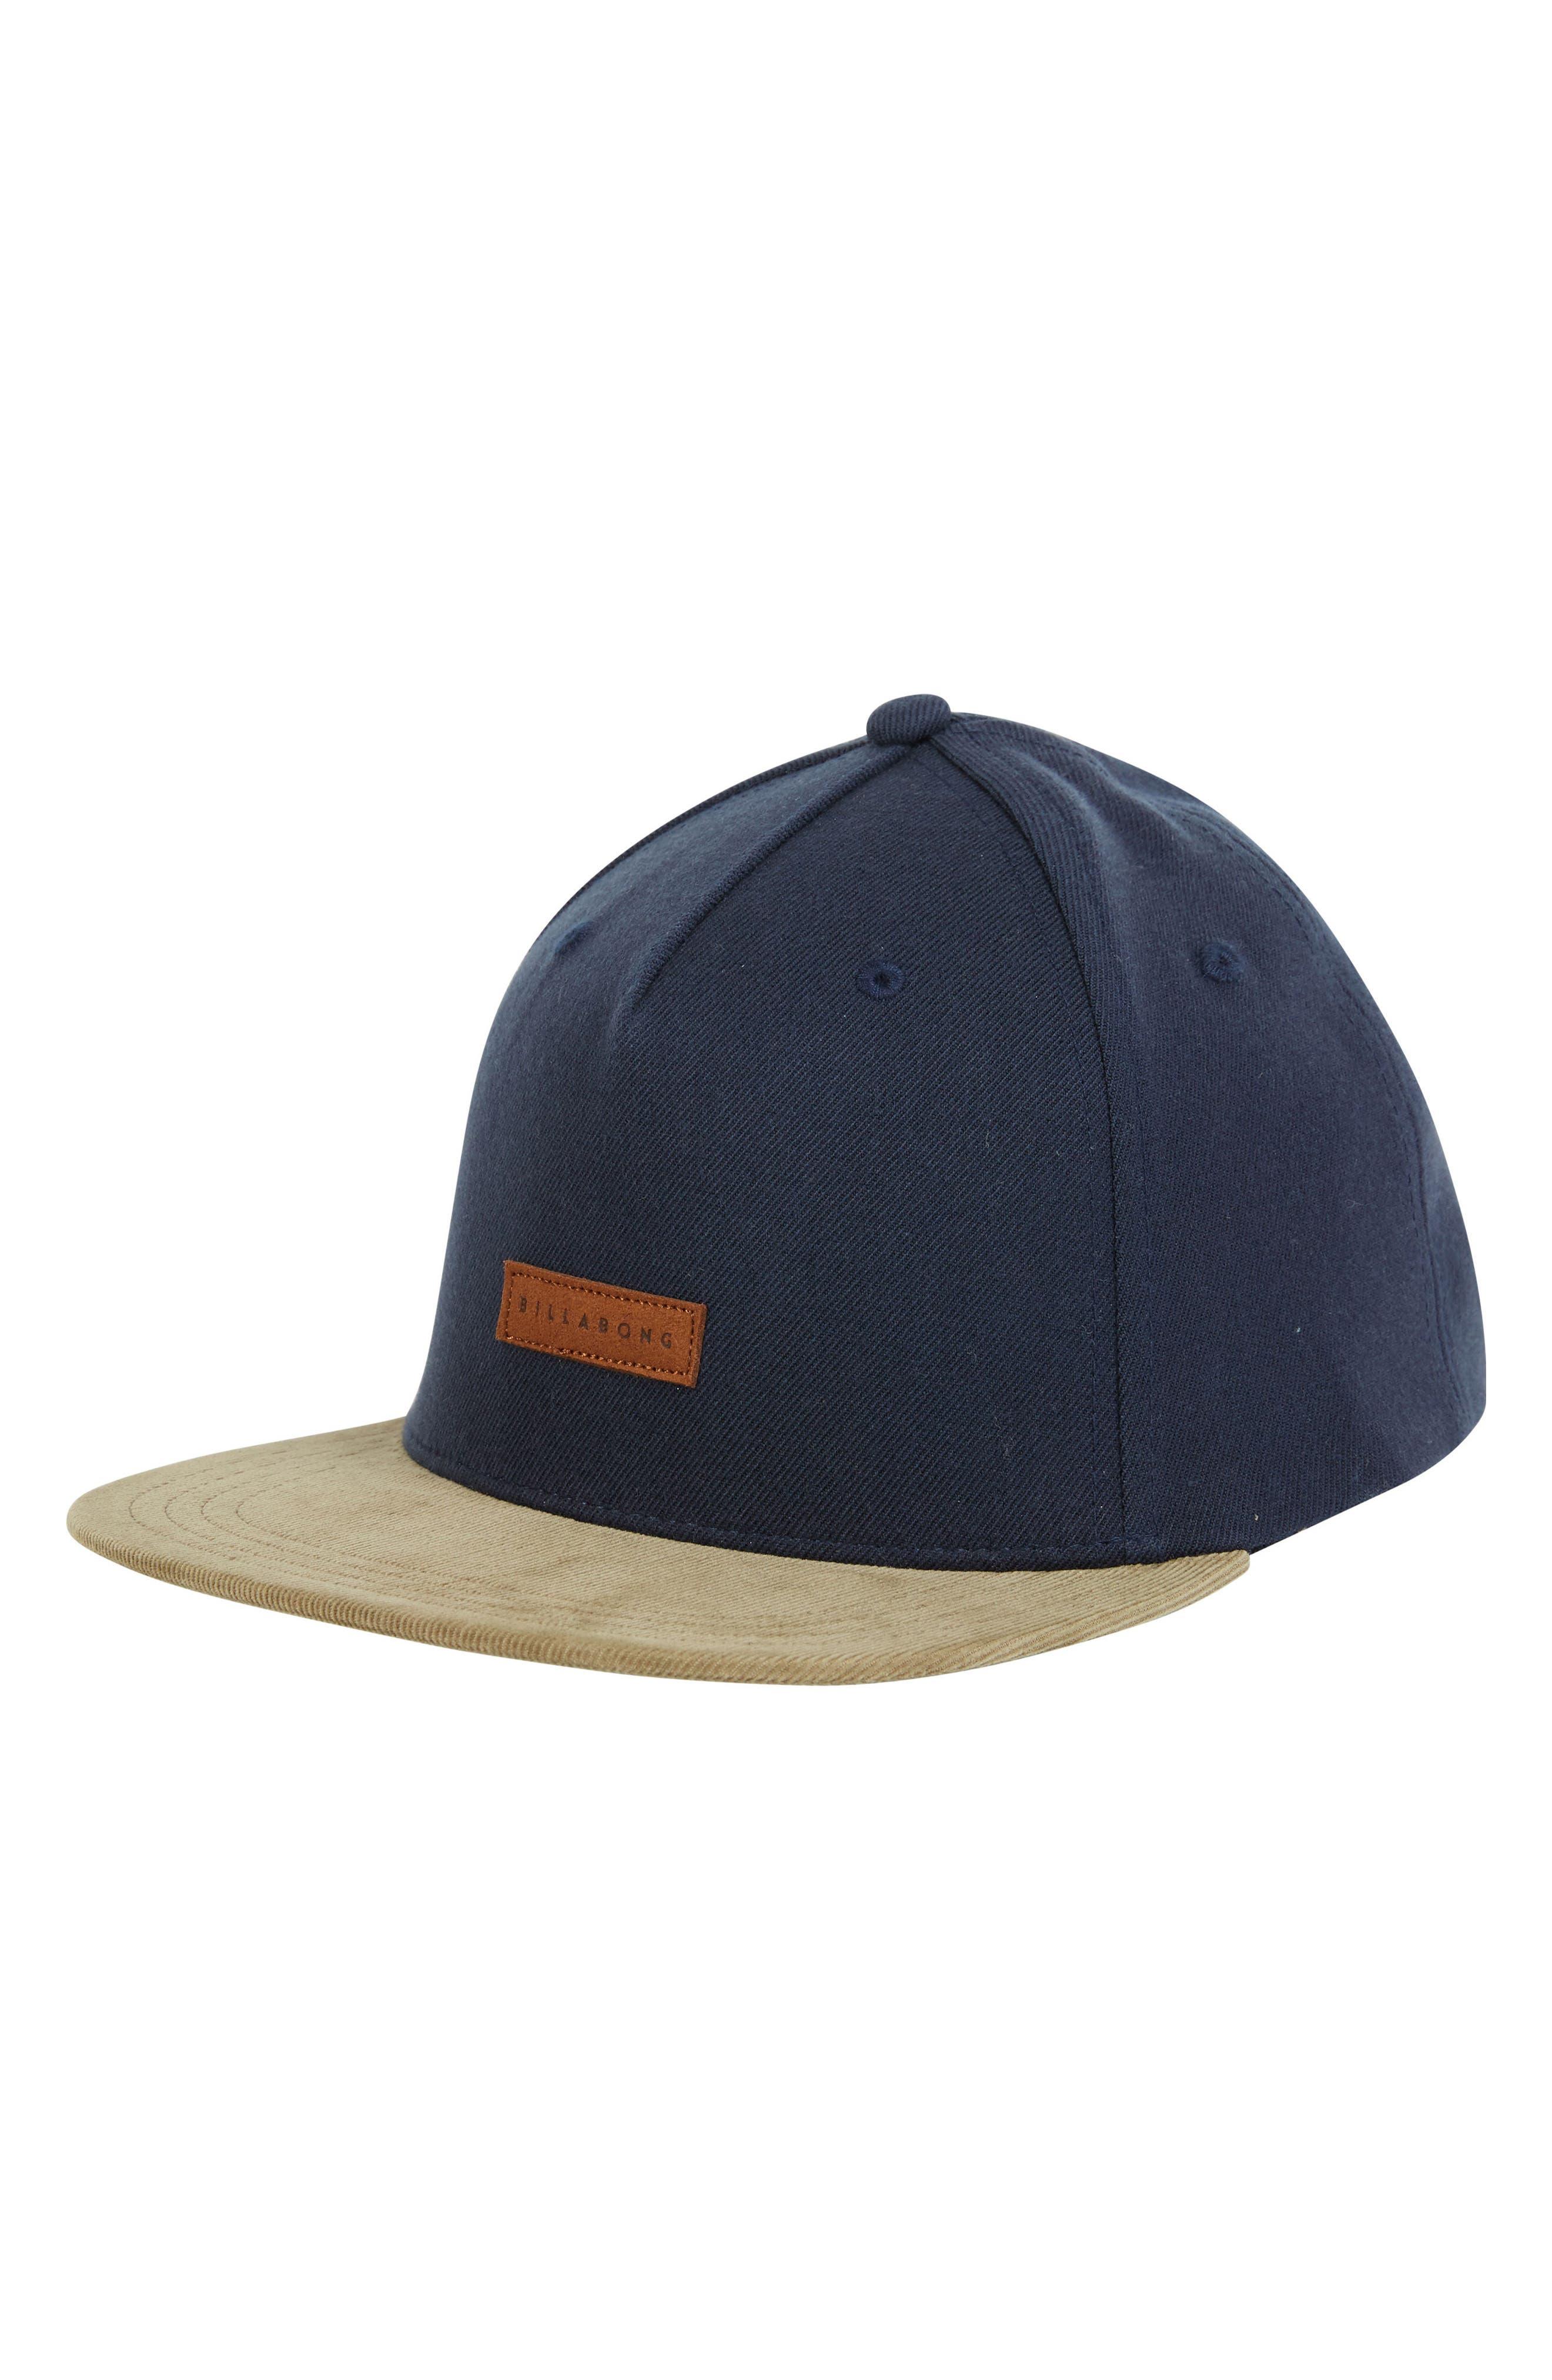 Oxford Snapback Baseball Cap,                             Main thumbnail 1, color,                             NAVY